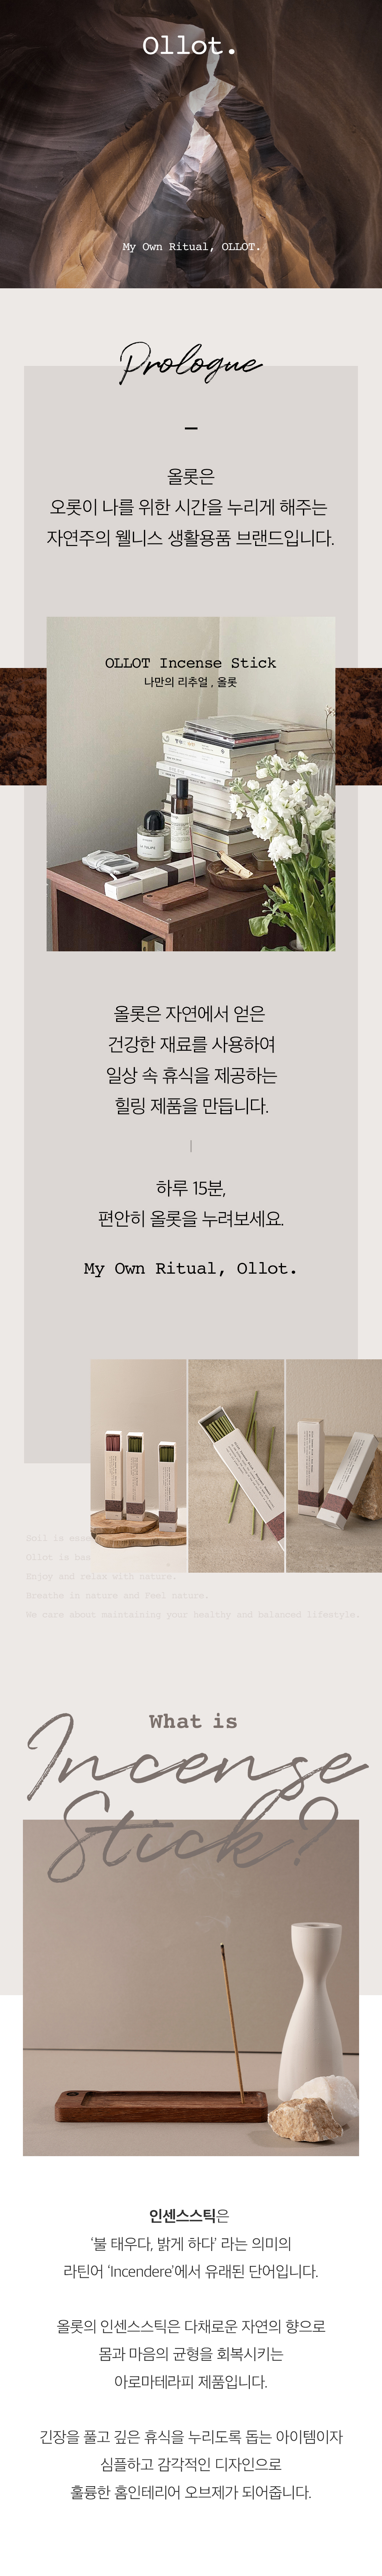 올롯(OLLOT) 인센스스틱 Summer GIFT BOX